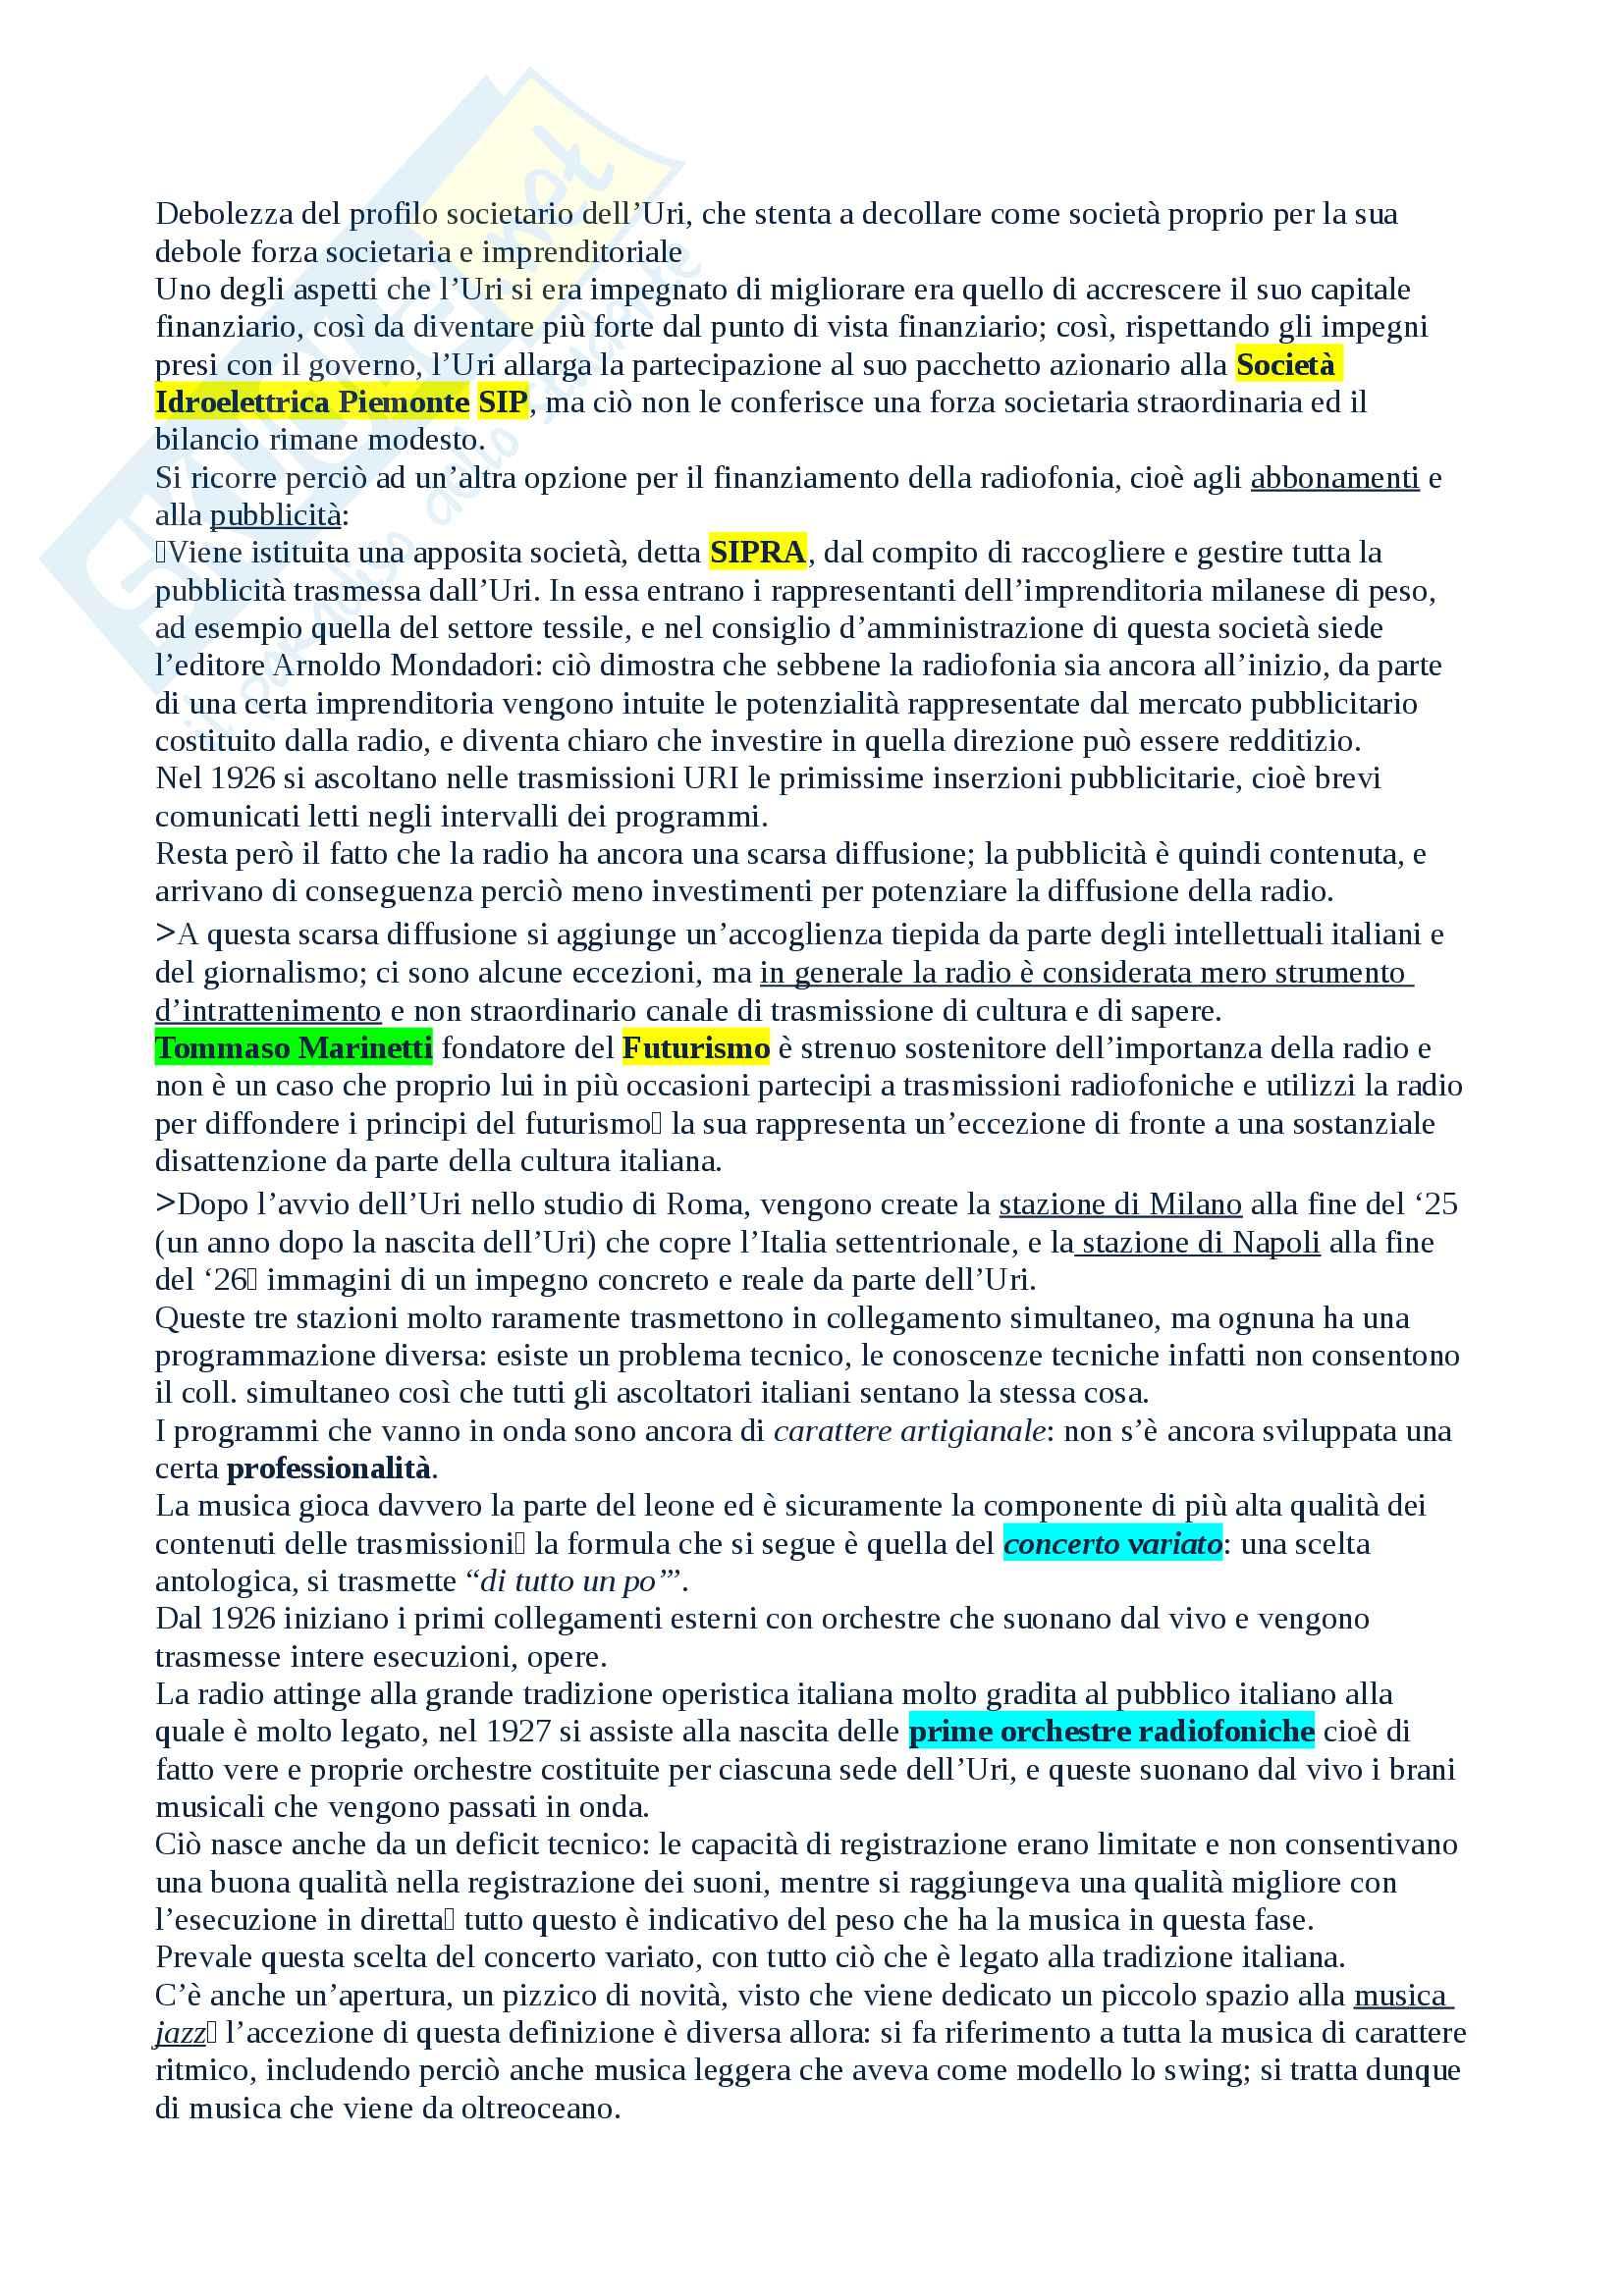 Salvatici Storia della radio e della televisione Pag. 6